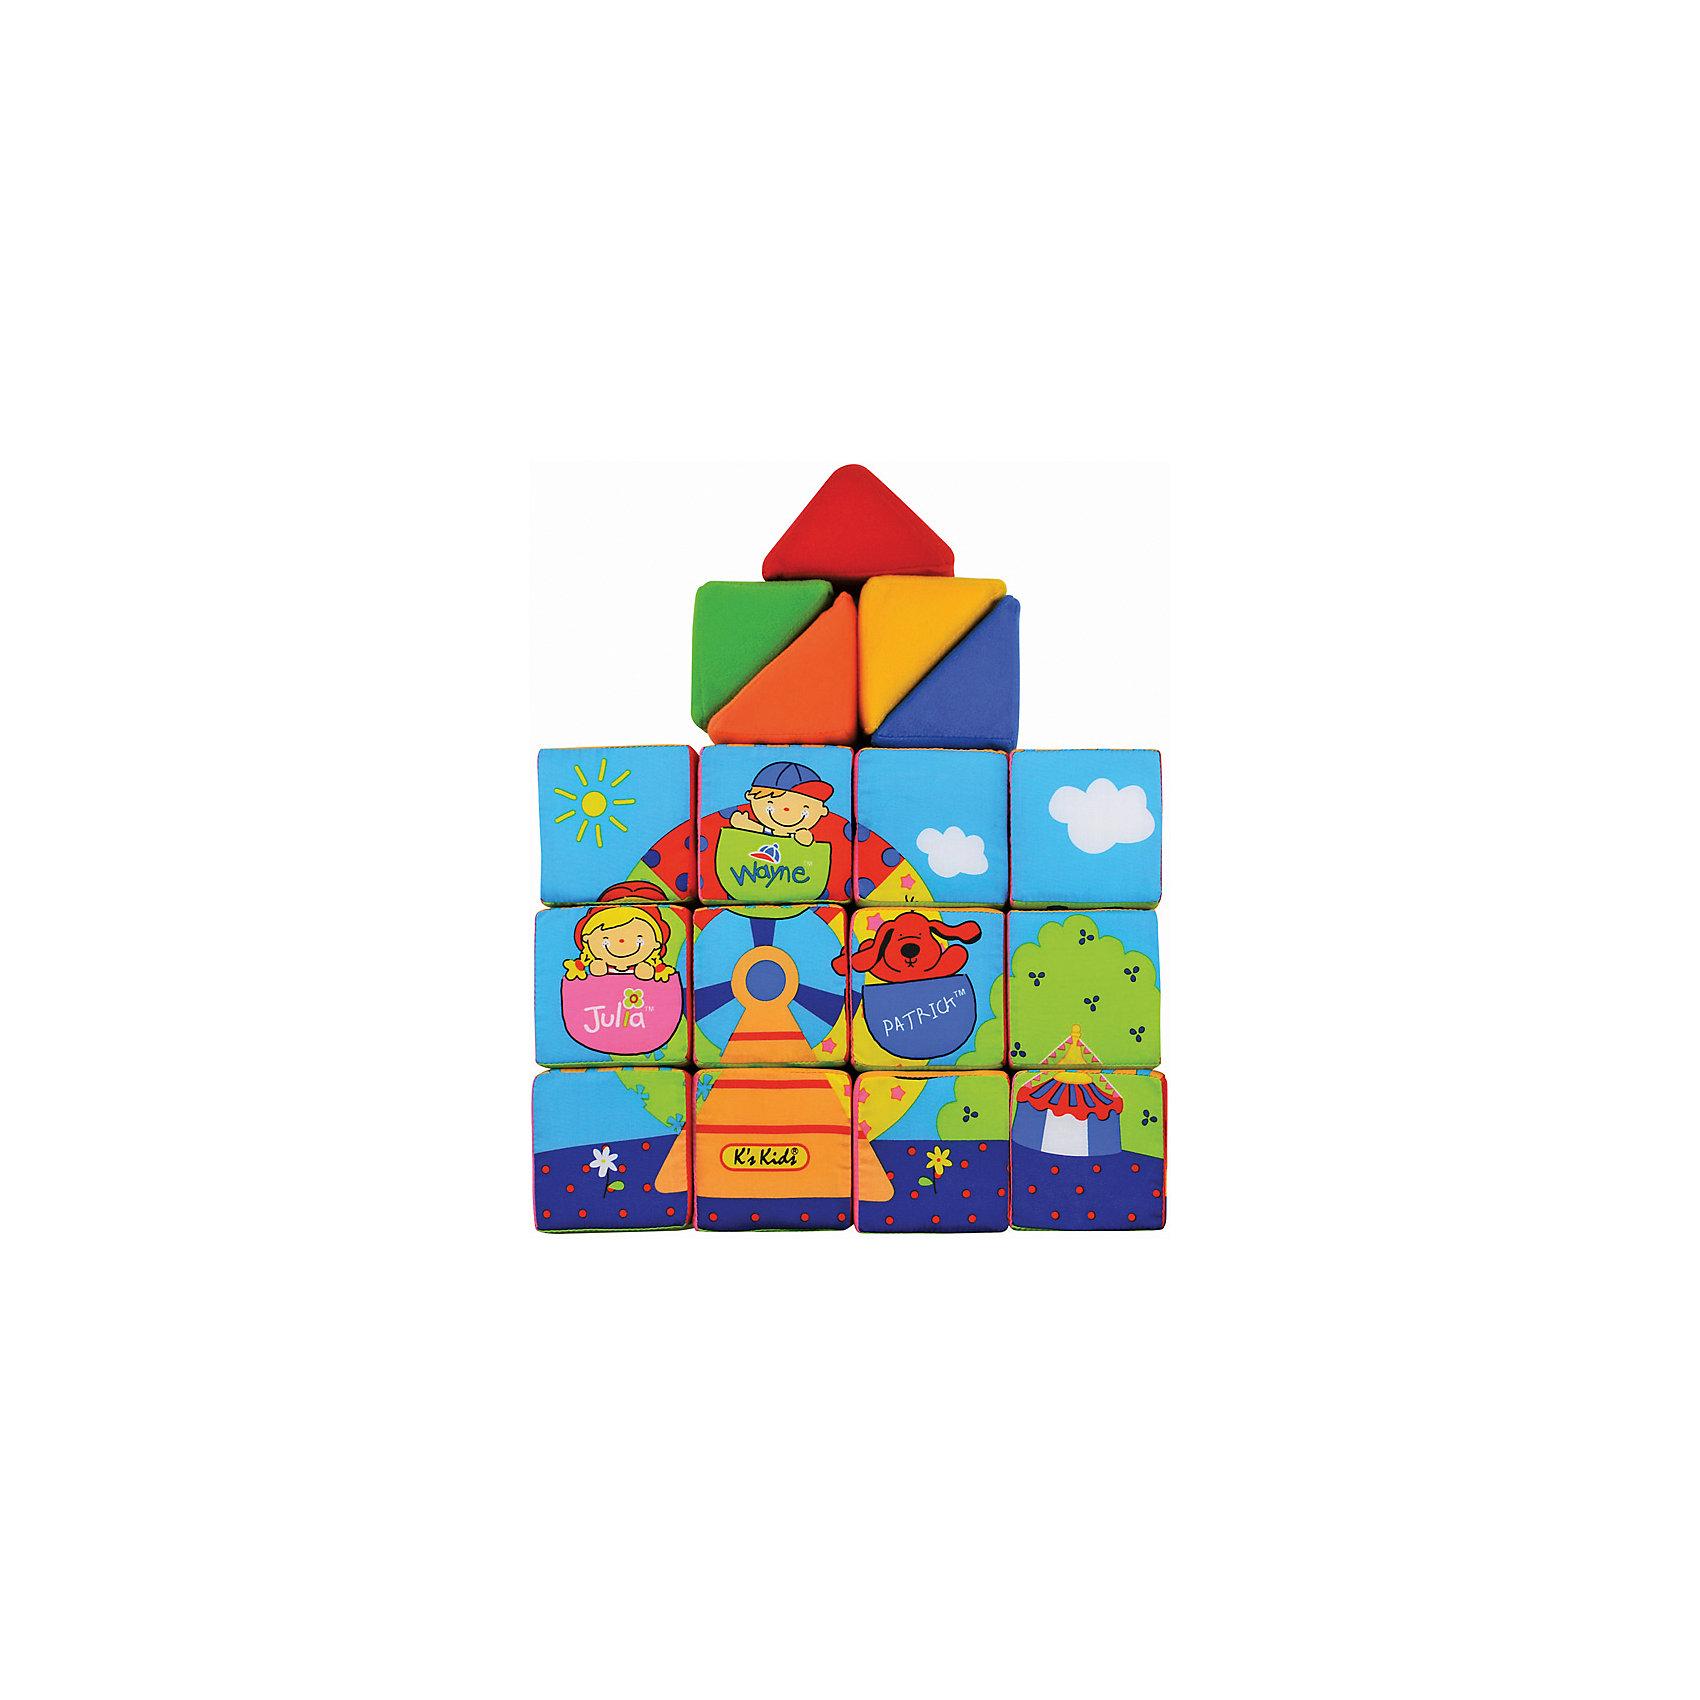 Ks Kids Кубики мягкие Учись, играяКубики<br>Ks Kids Кубики мягкие Учись, играя – обязательно понравится вашему малышу!<br> <br>Набор состоит из 12-ти мягких кубиков и 5-ти мягких треугольников. Из них можно собрать, например, зоопарк, гараж и даже домик, где будут жить цифры.<br> <br>Игрушка помогает развить моторику рук, логическое мышление, фантазию и воображение.<br><br>Дополнительная информация:<br><br>- материал: хлопок, набивка синтетическое волокно<br>- размеры:<br>- размер игрушки: кубик 8х8х8 см.<br>- размер пирамидки: 10 см х 8 см х 5,5 см.<br><br>Ks Kids Кубики мягкие Учись, играя – можно купить в нашем интернет - магазине.<br><br>Ширина мм: 290<br>Глубина мм: 240<br>Высота мм: 210<br>Вес г: 580<br>Возраст от месяцев: 9<br>Возраст до месяцев: 36<br>Пол: Унисекс<br>Возраст: Детский<br>SKU: 2148733